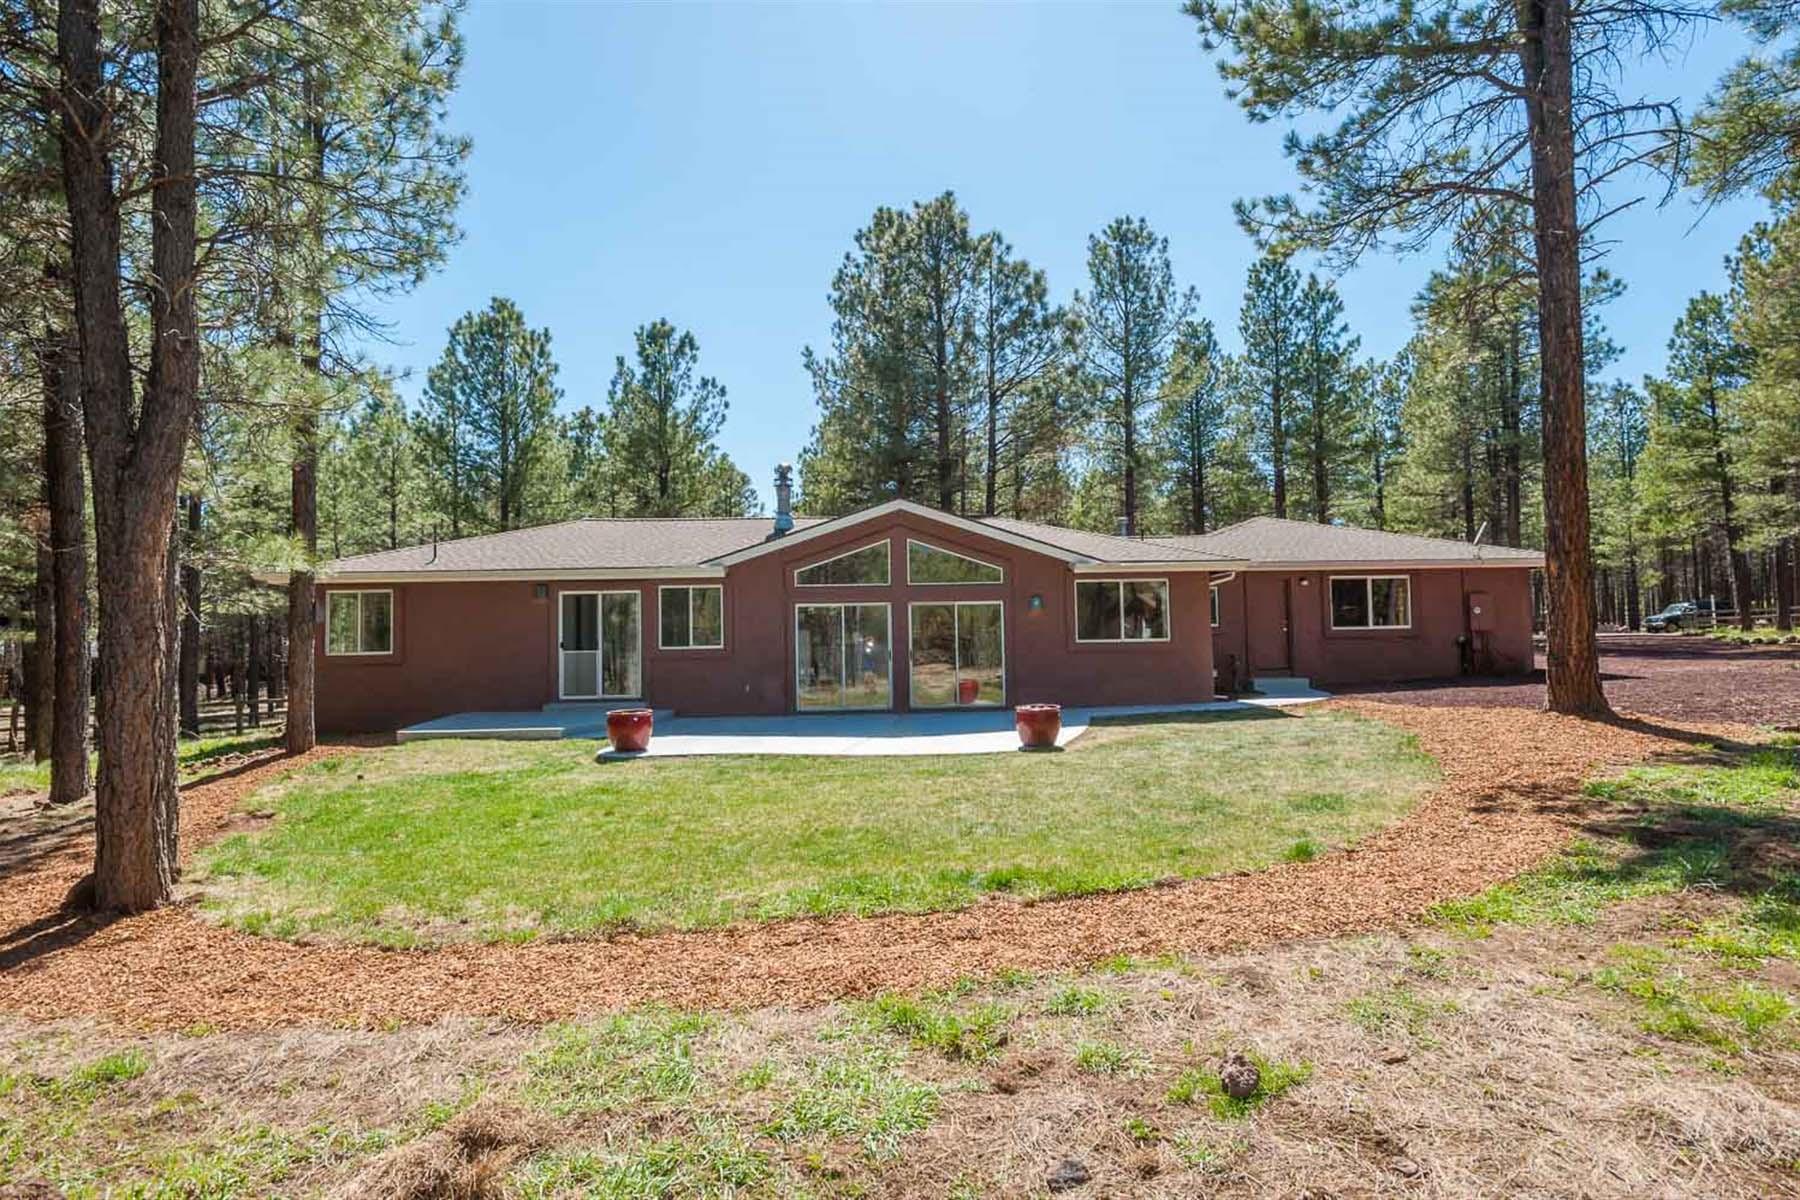 独户住宅 为 销售 在 A rare opportunity to purchase a brilliantly designed and complimented home. 8150 Enchanted Gardens LN Flagstaff, 亚利桑那州 86001 美国